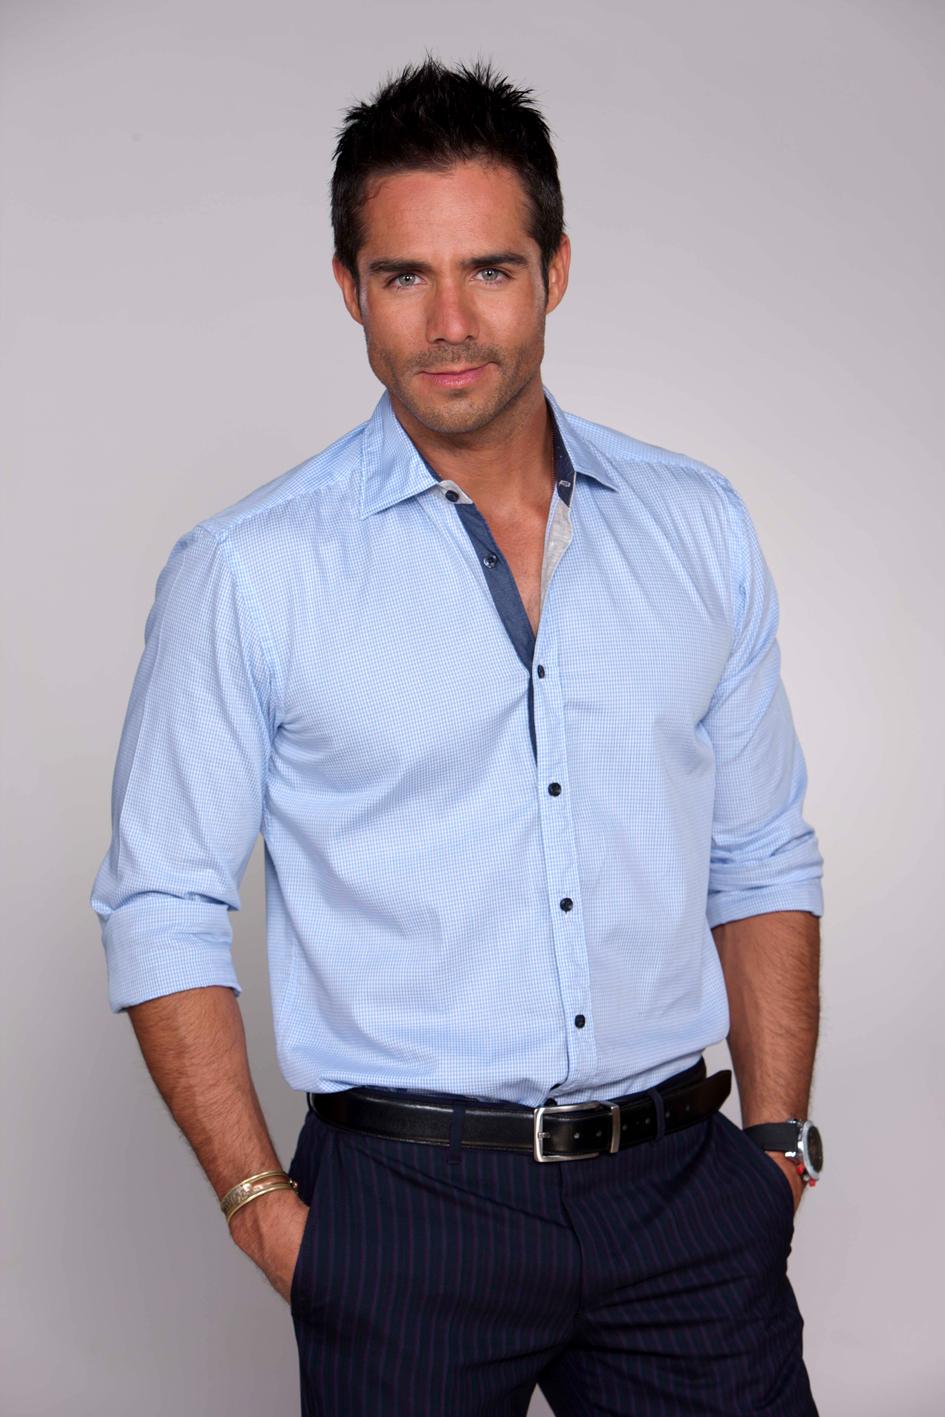 სხვადასხვა მსახიობების ჩვენთვის საყვარელი ფოტოები - Page 2 Jose_ron_alessandro